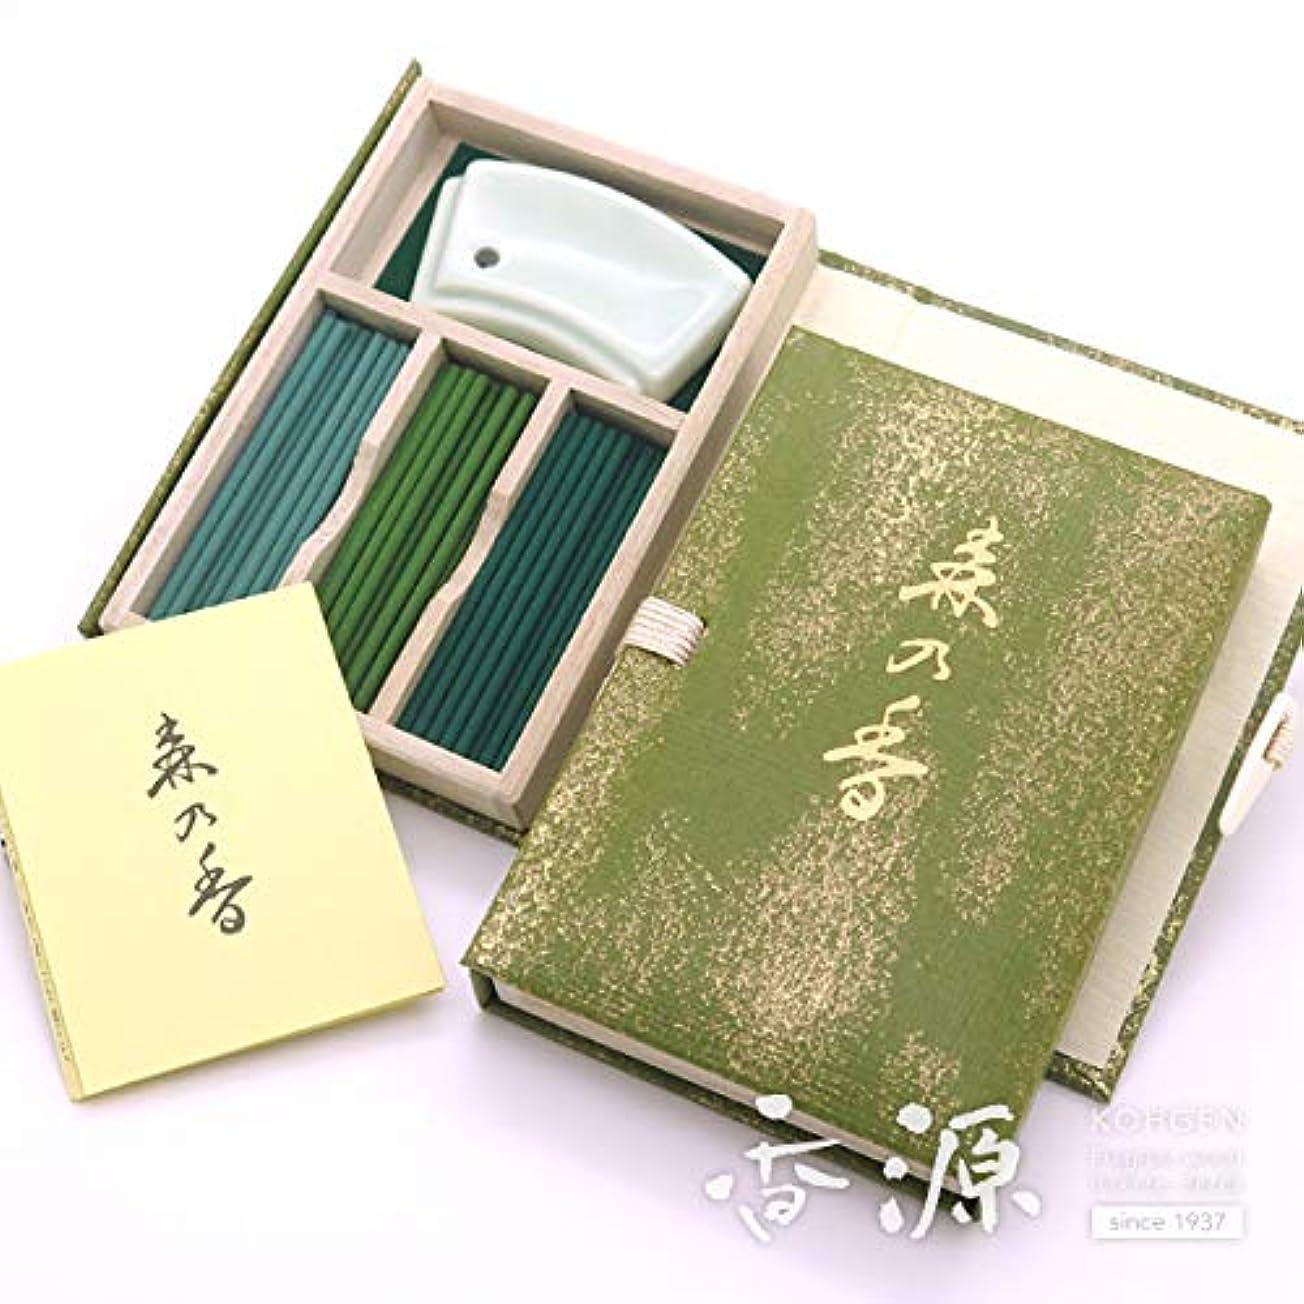 メダリスト仮定するところで日本香堂のお香 森の香 スティックミニ寸文庫型 60本入り